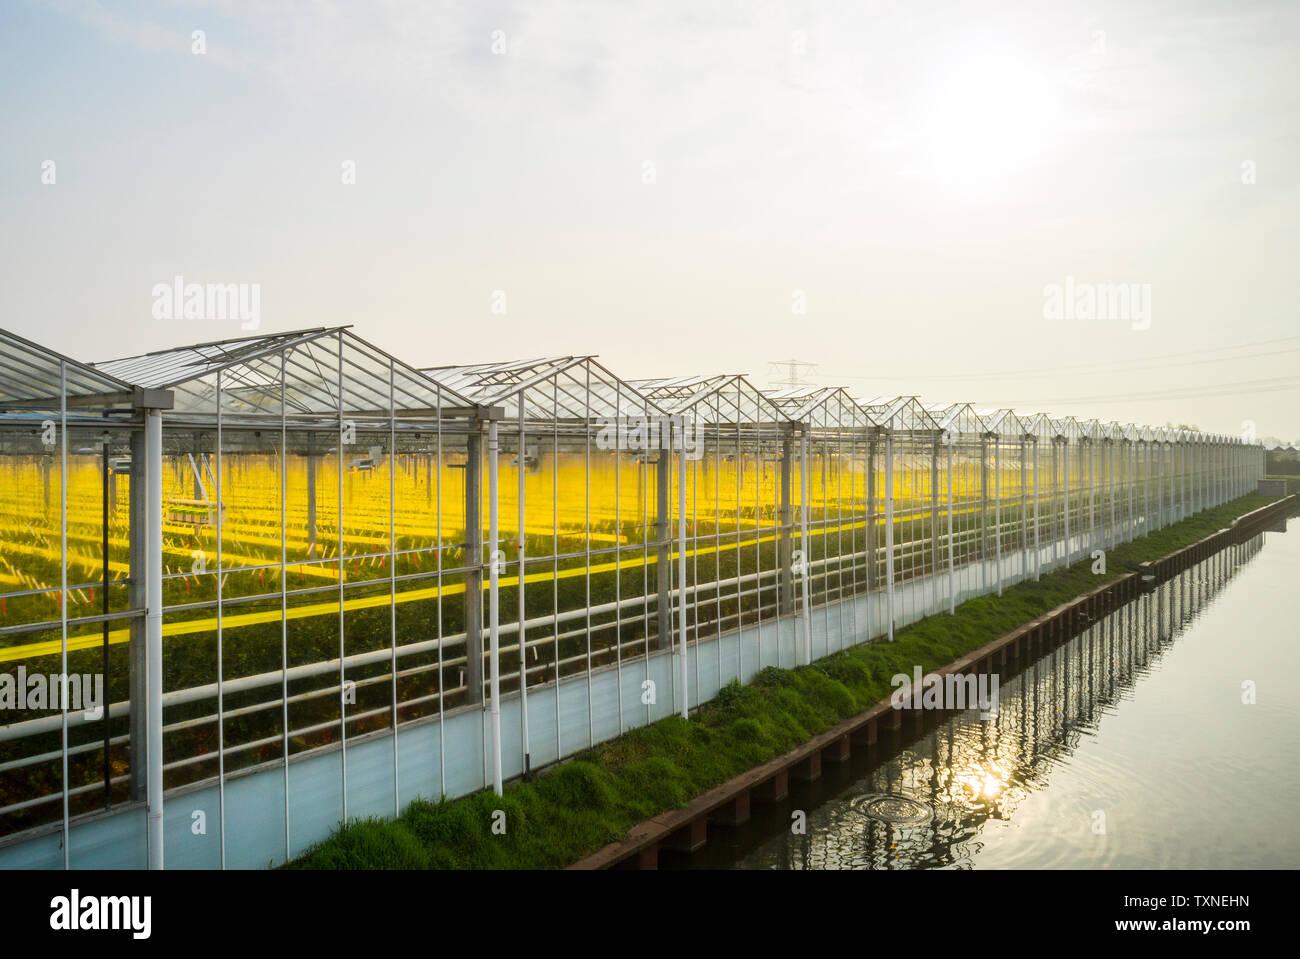 Gewächshaus in den Westland, Teil der Niederlande mit großer Konzentration von Gewächshäusern, gewinkelt, Maasdijk, Zuid-Holland, Niederlande Stockbild